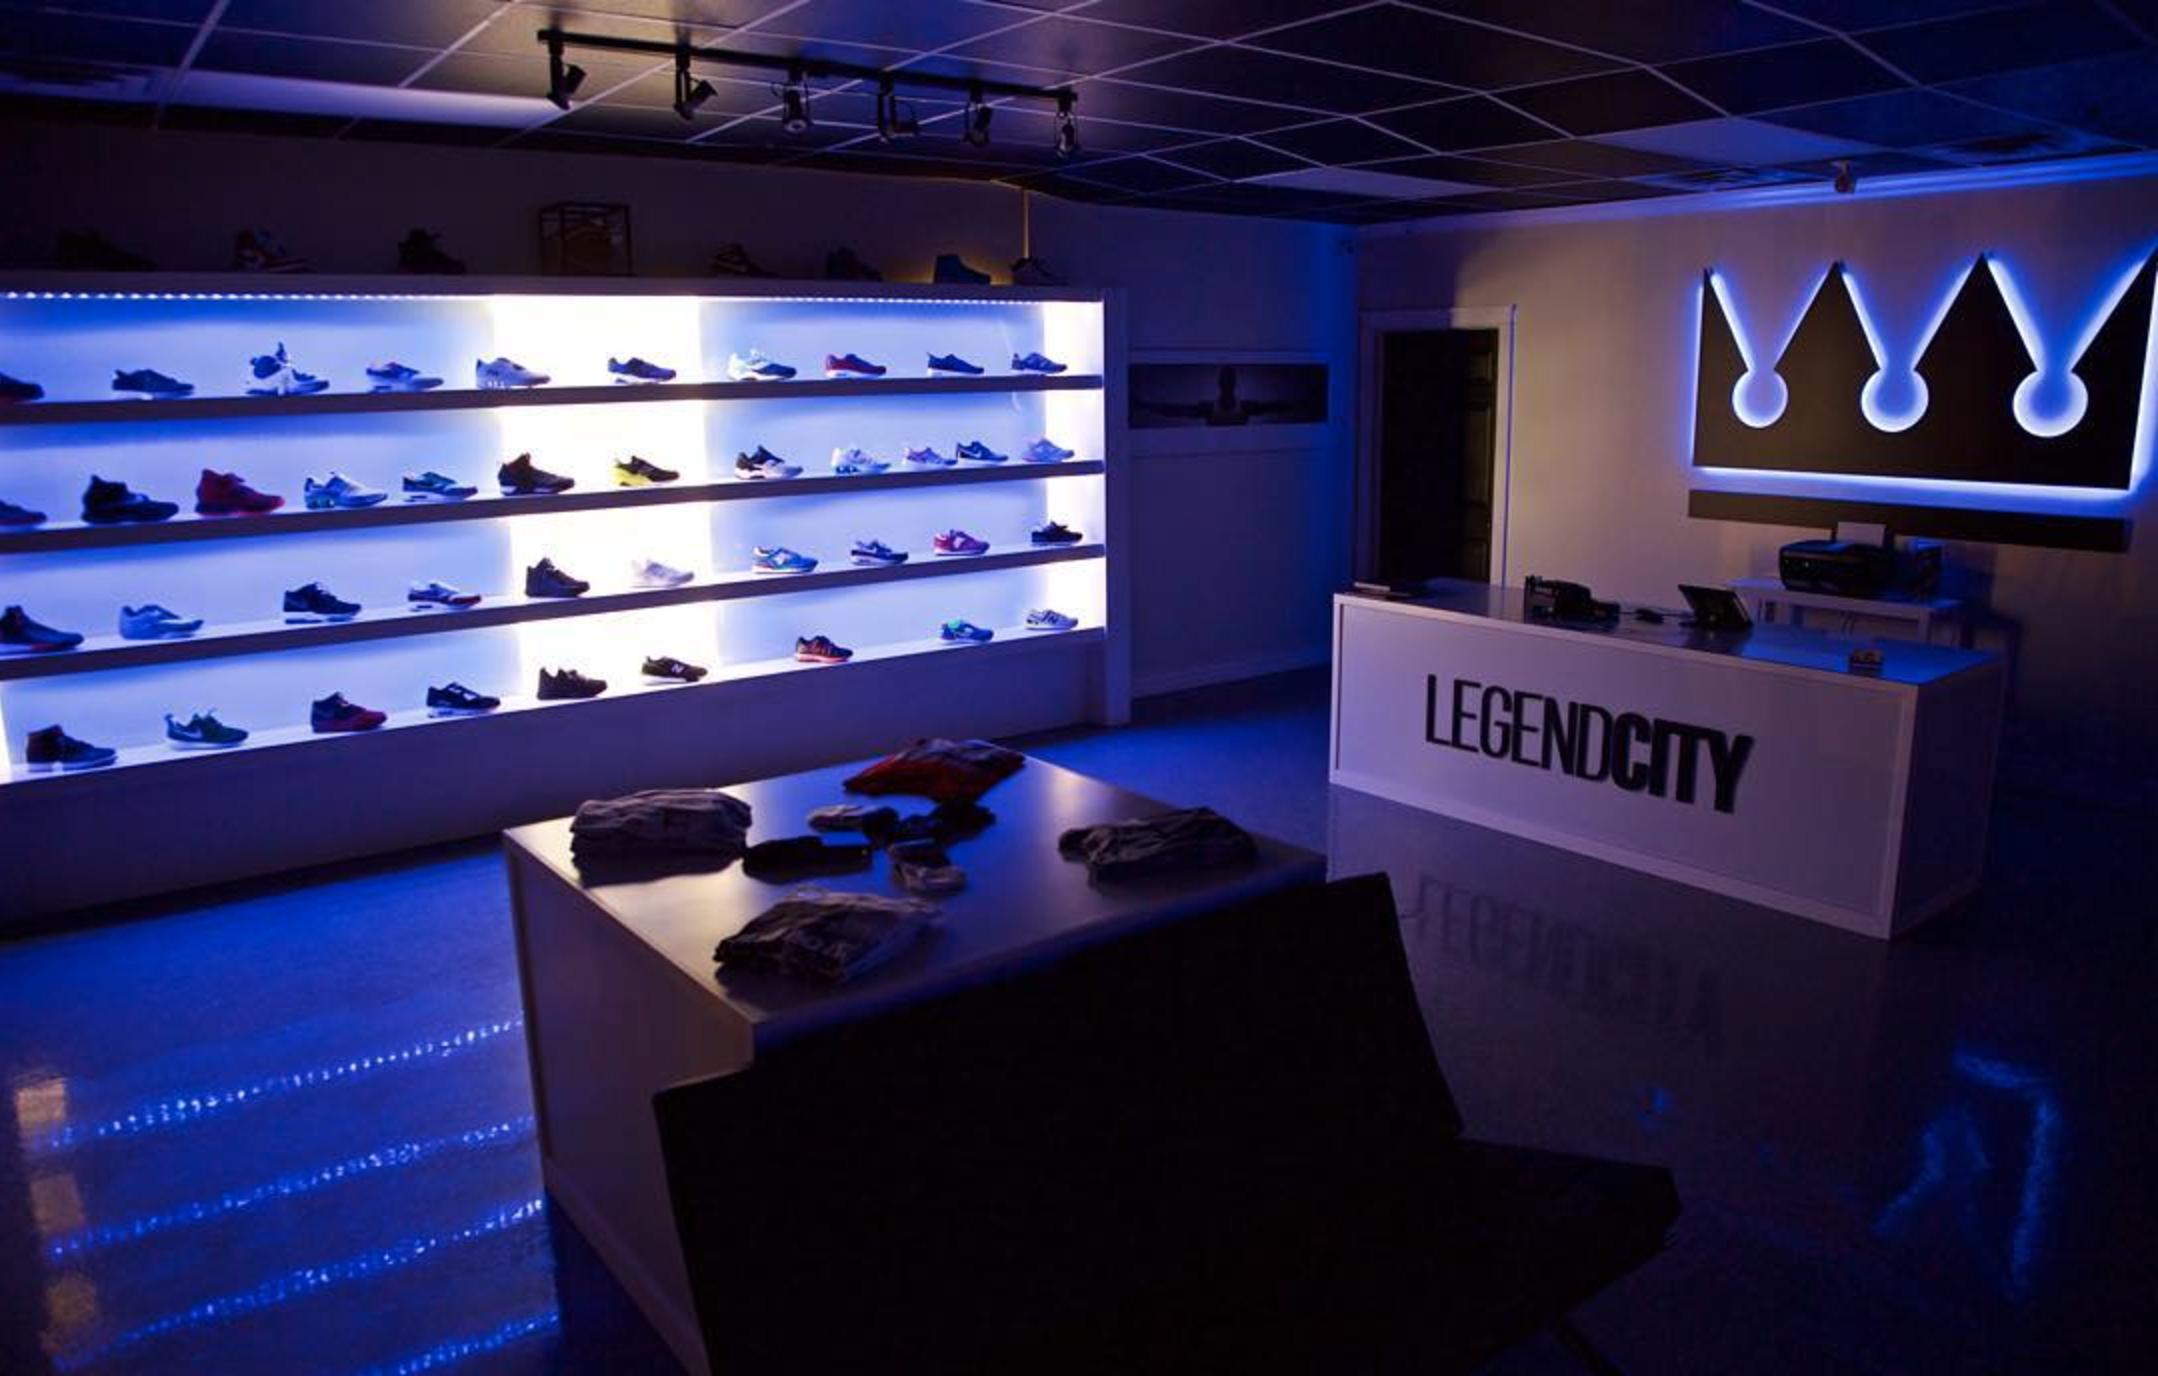 LegendCity interior signage